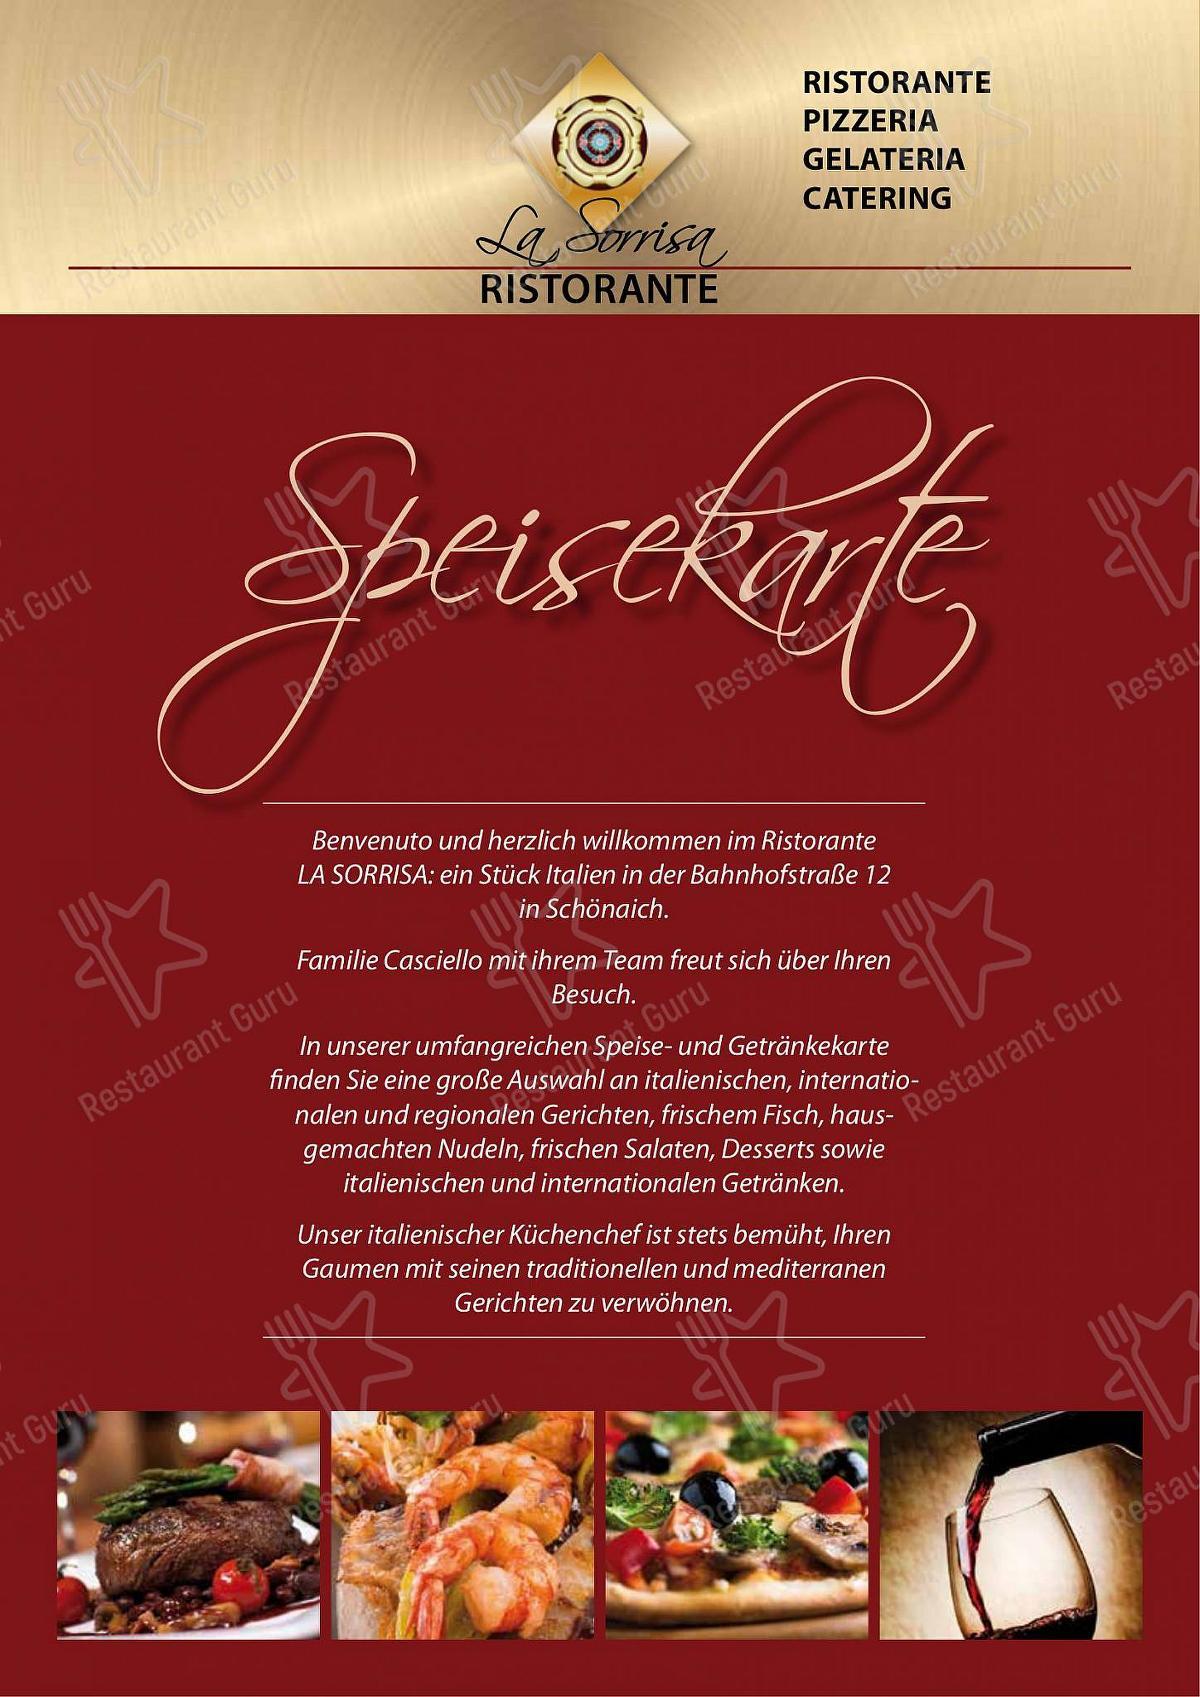 Ristorante La Sorrisa Speisekarte - Gerichte und Getränke